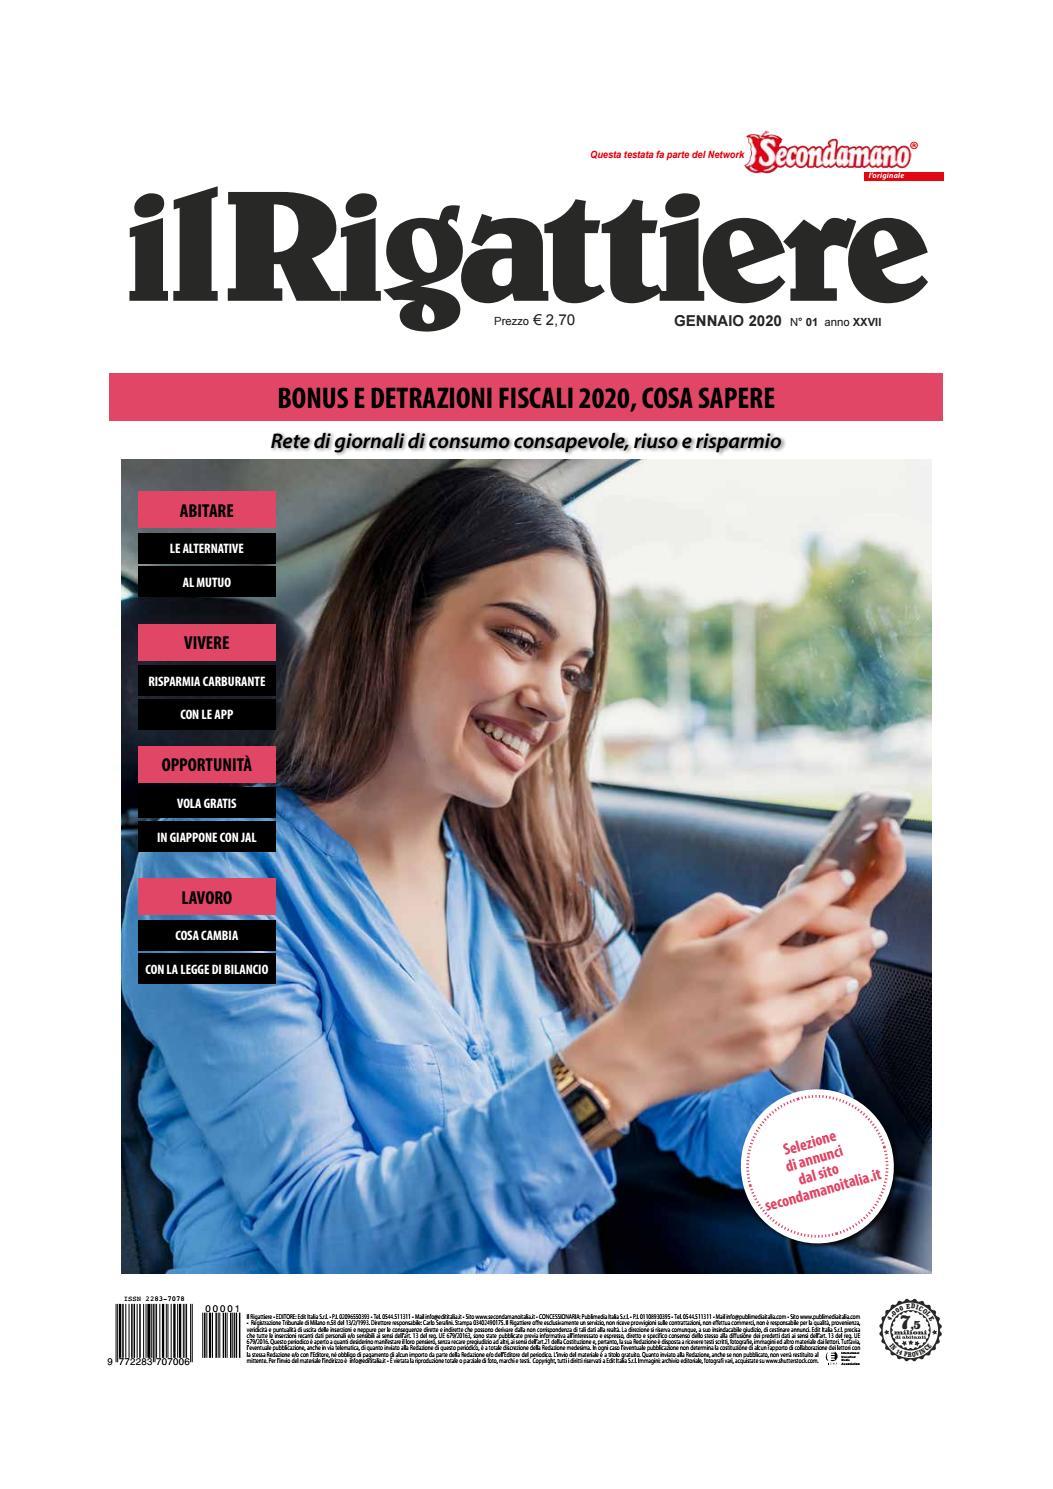 Detrazione Tinteggiatura Interna 2016 il rigattiere_gennaio 2020 by edit italia s.r.l. - issuu